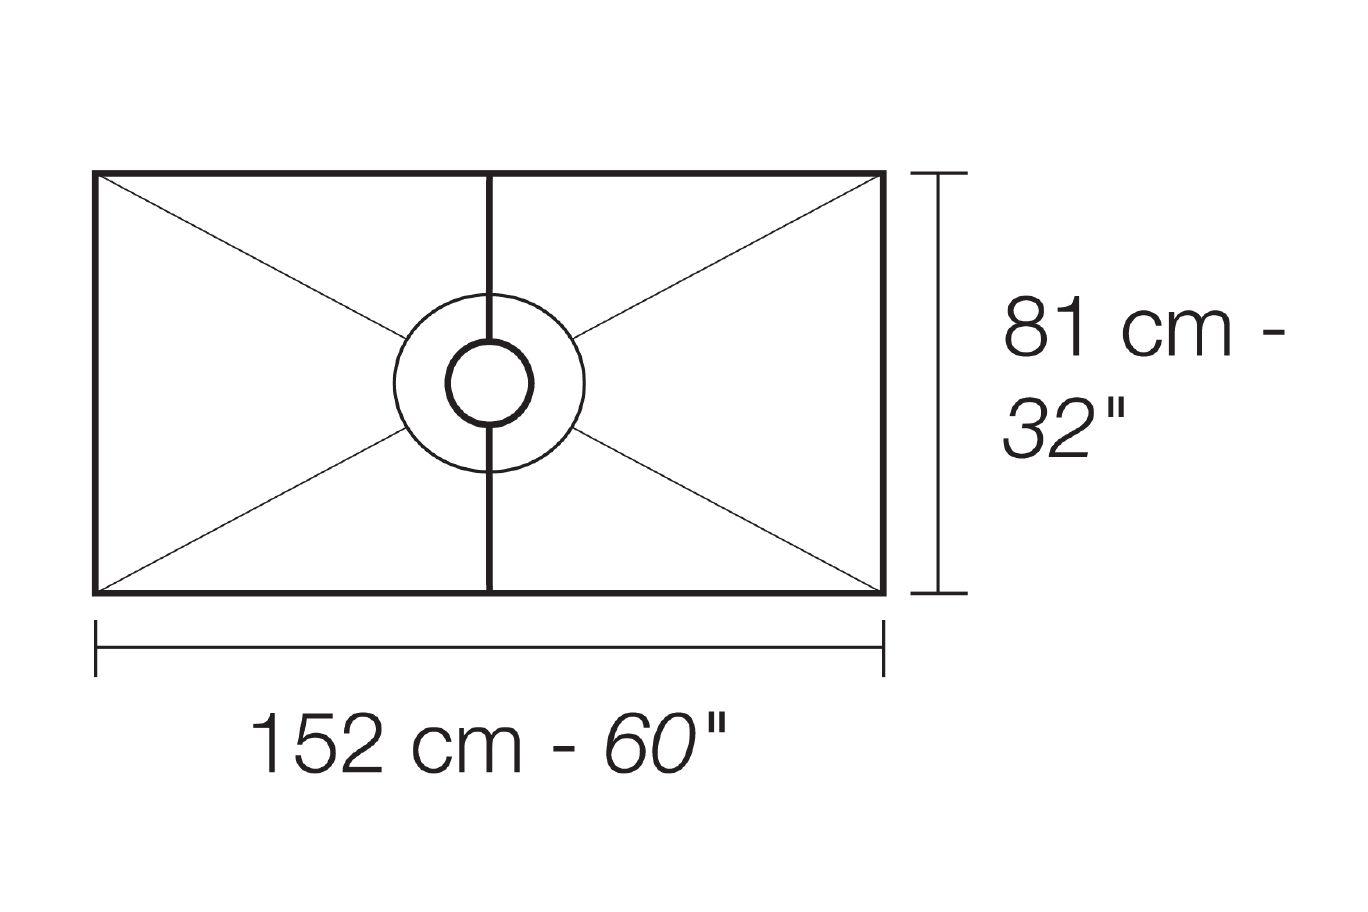 SHOWER KIT 32x60